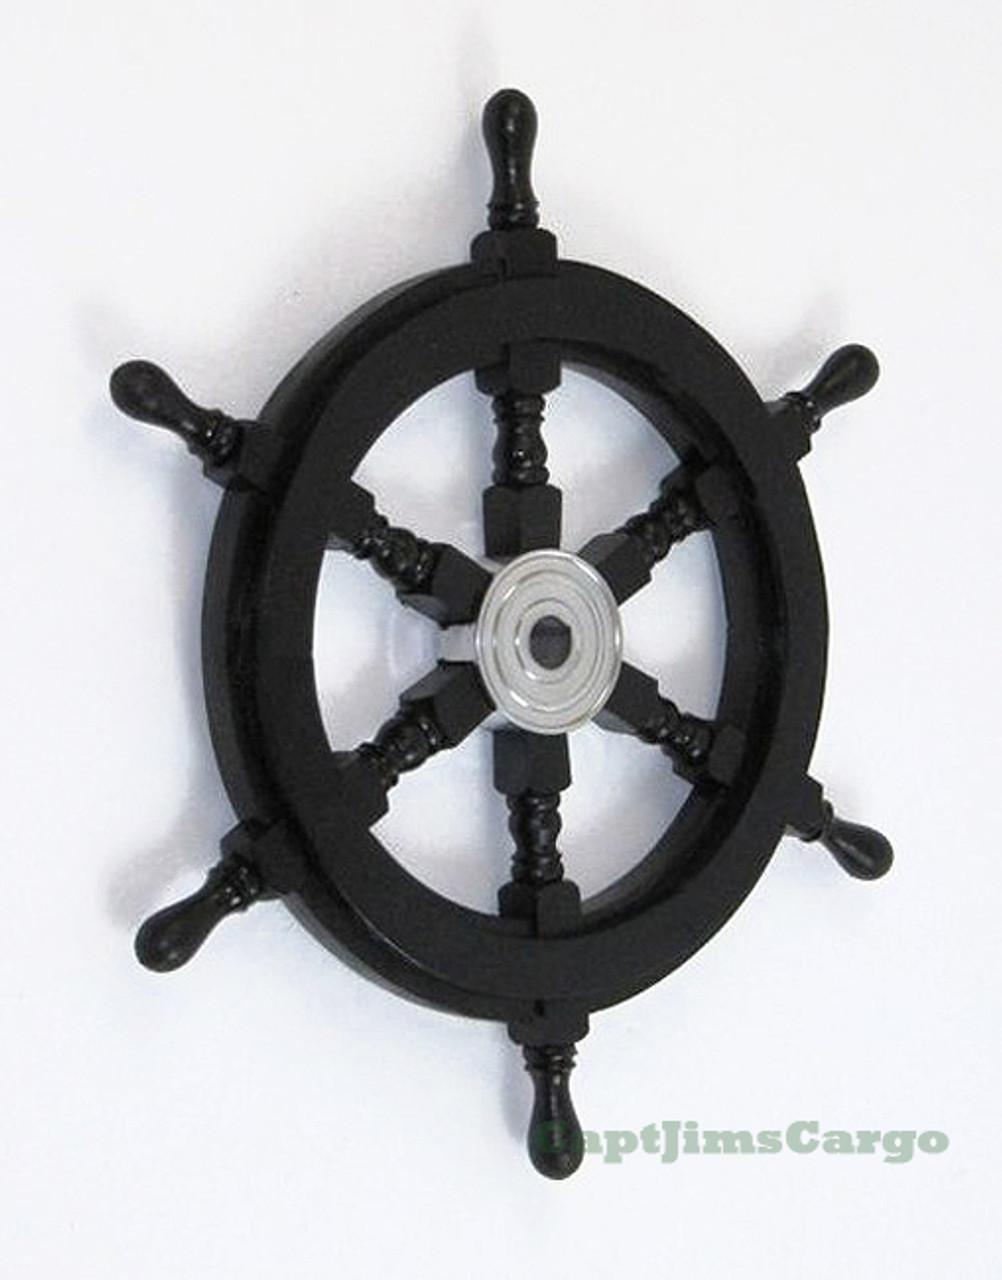 18 Inch Dia Attrezzature Per Timoni Pirate Wheel Marine Steering Wheels Pirate Ships Boat Steering Wheel Ship Wheel Decor Nautical Wheel Steering Wheel On A Boat Attrezzature Per Timoni Timoni